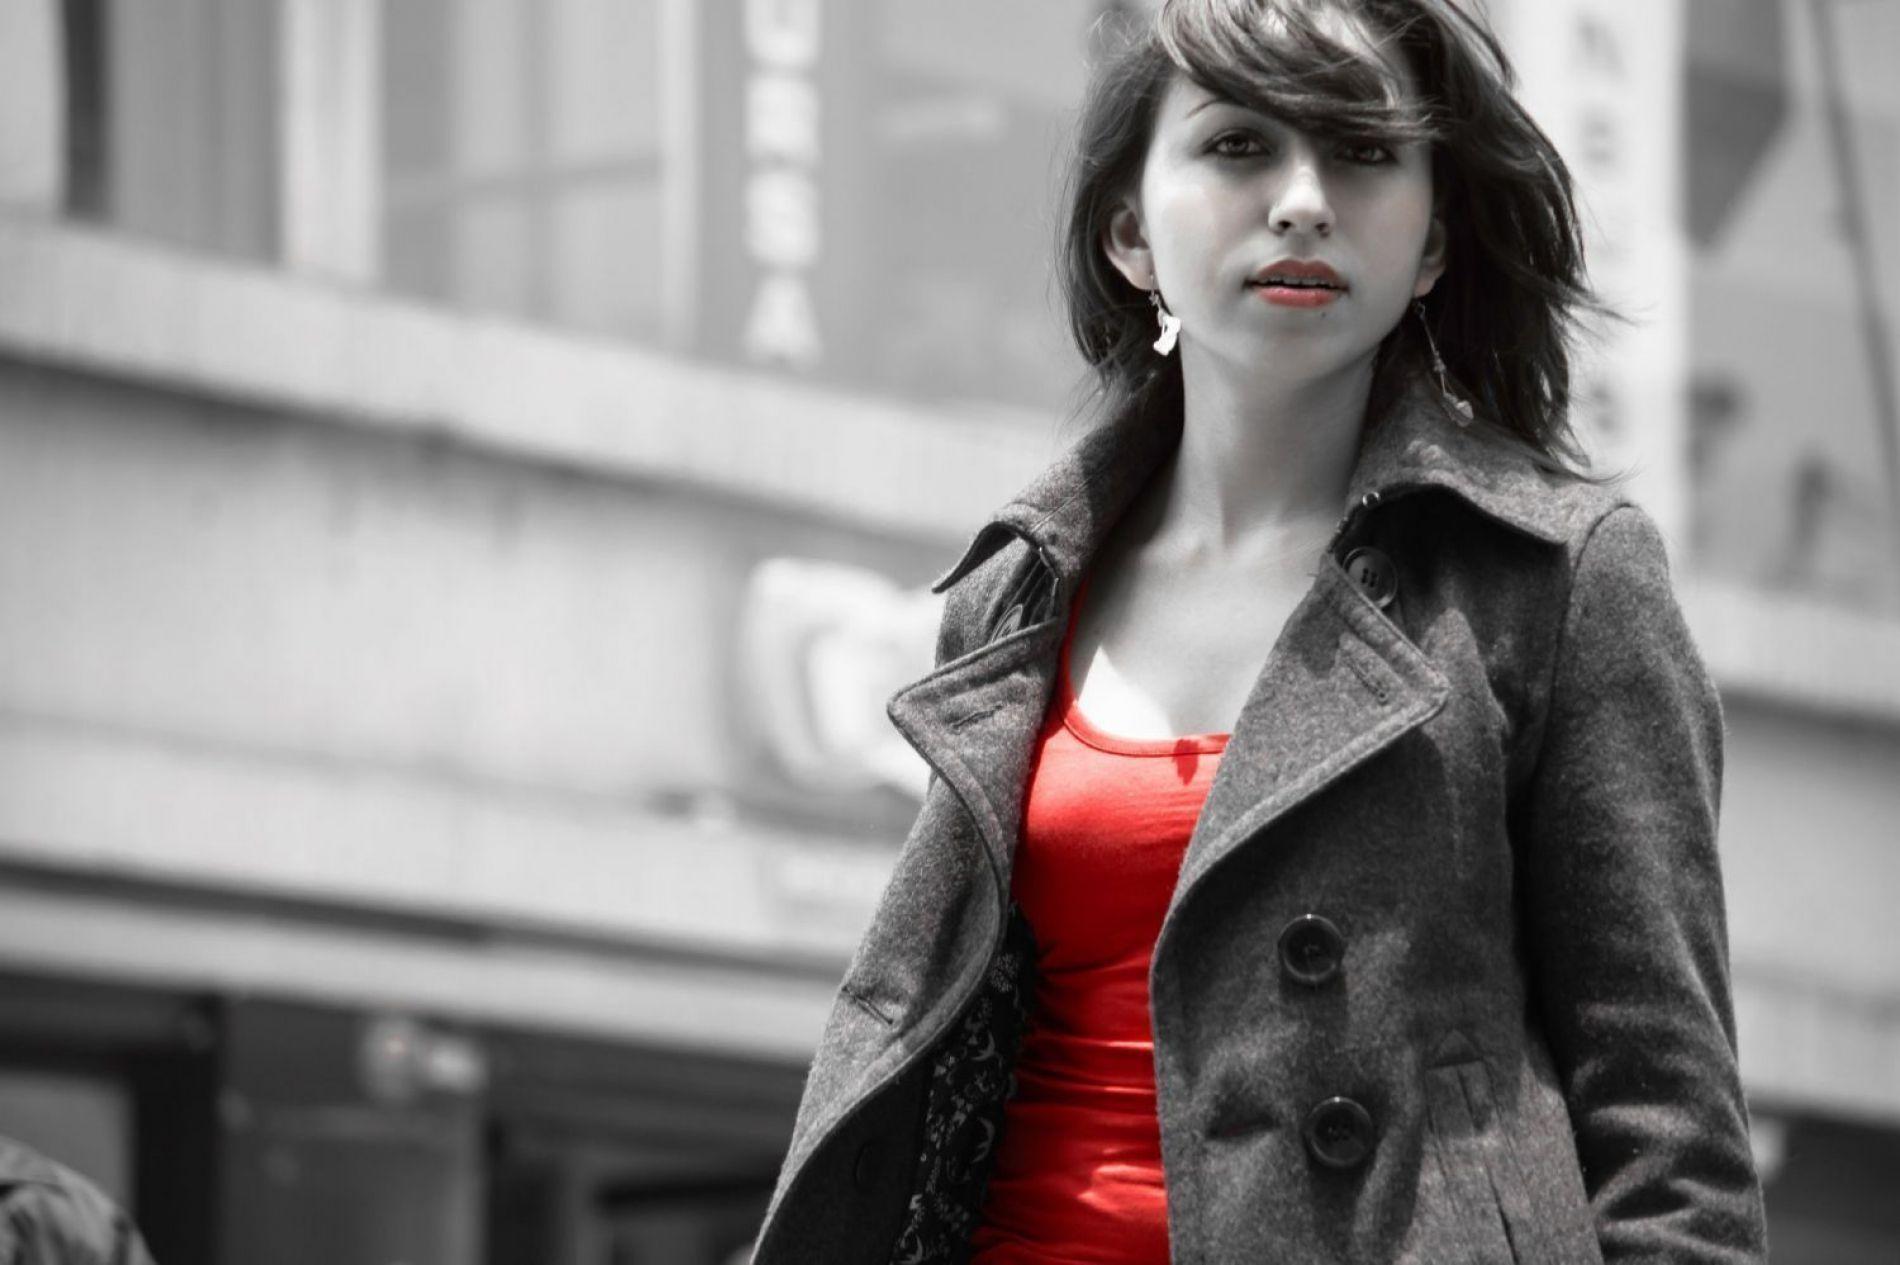 La chica de rojo